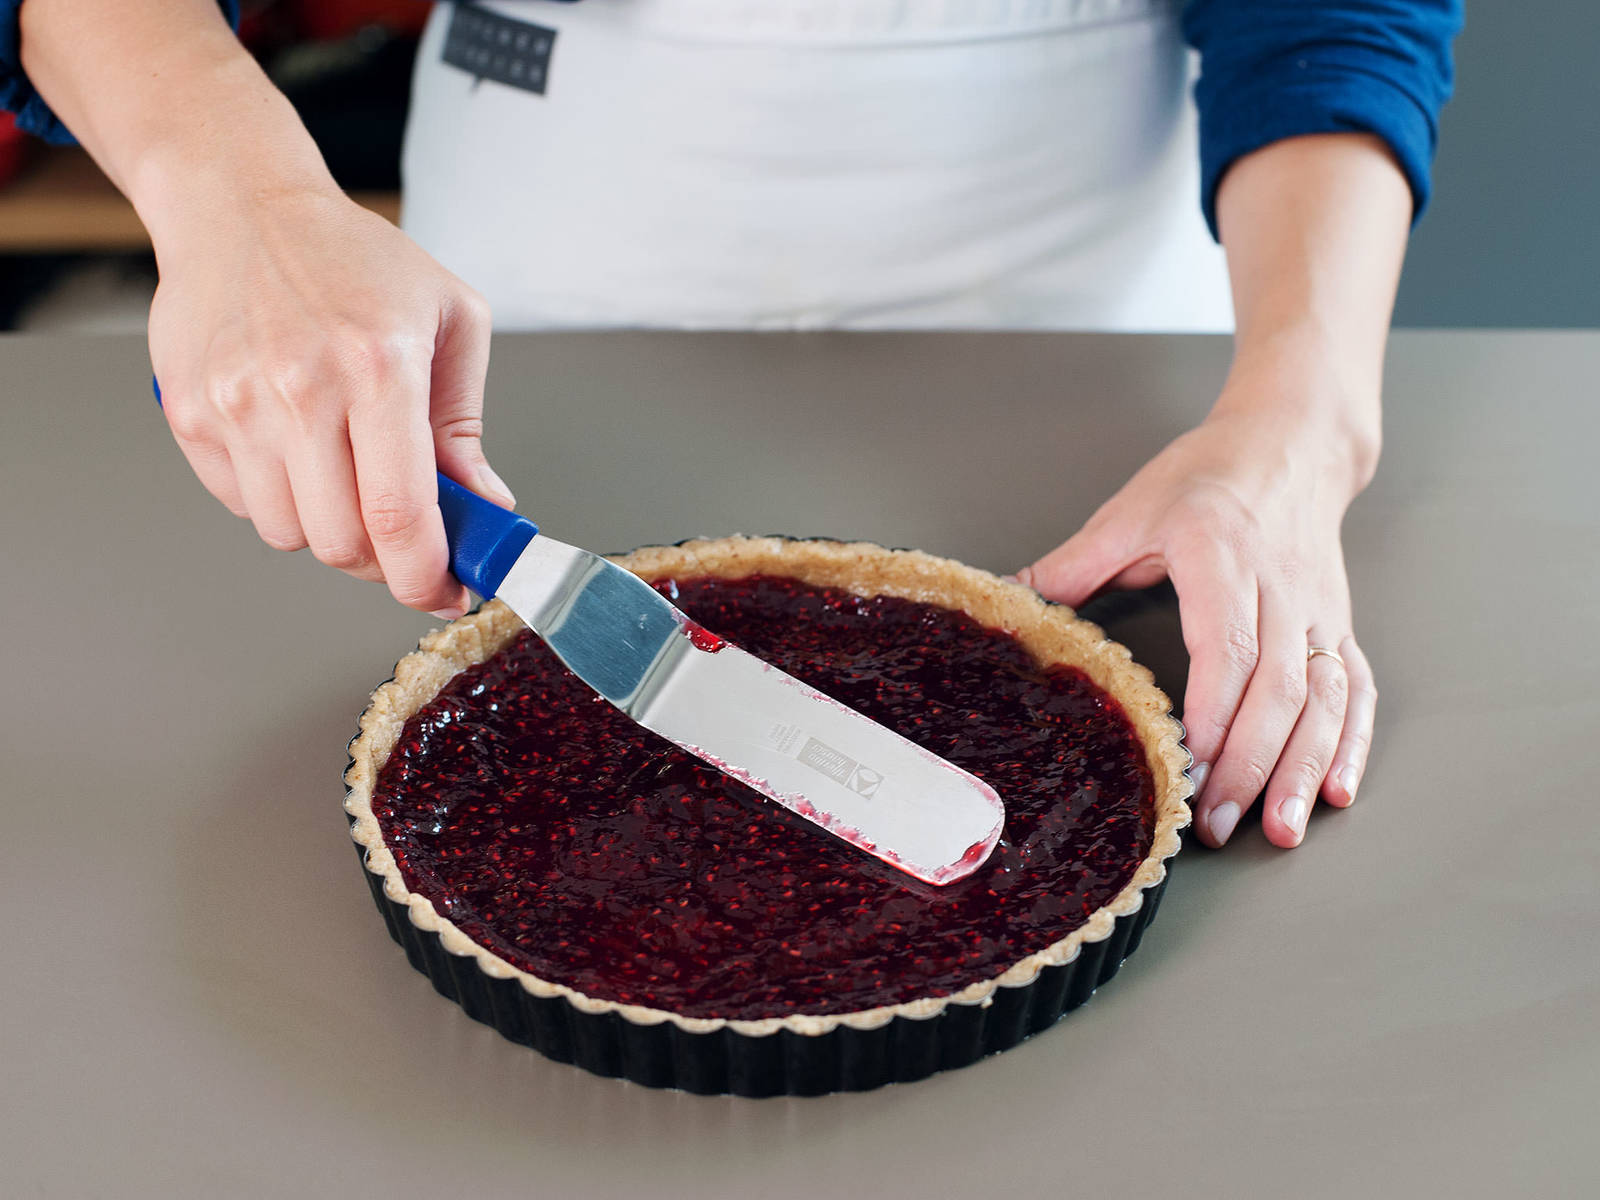 Marmelade gleichmäßig auf dem Teig verstreichen.